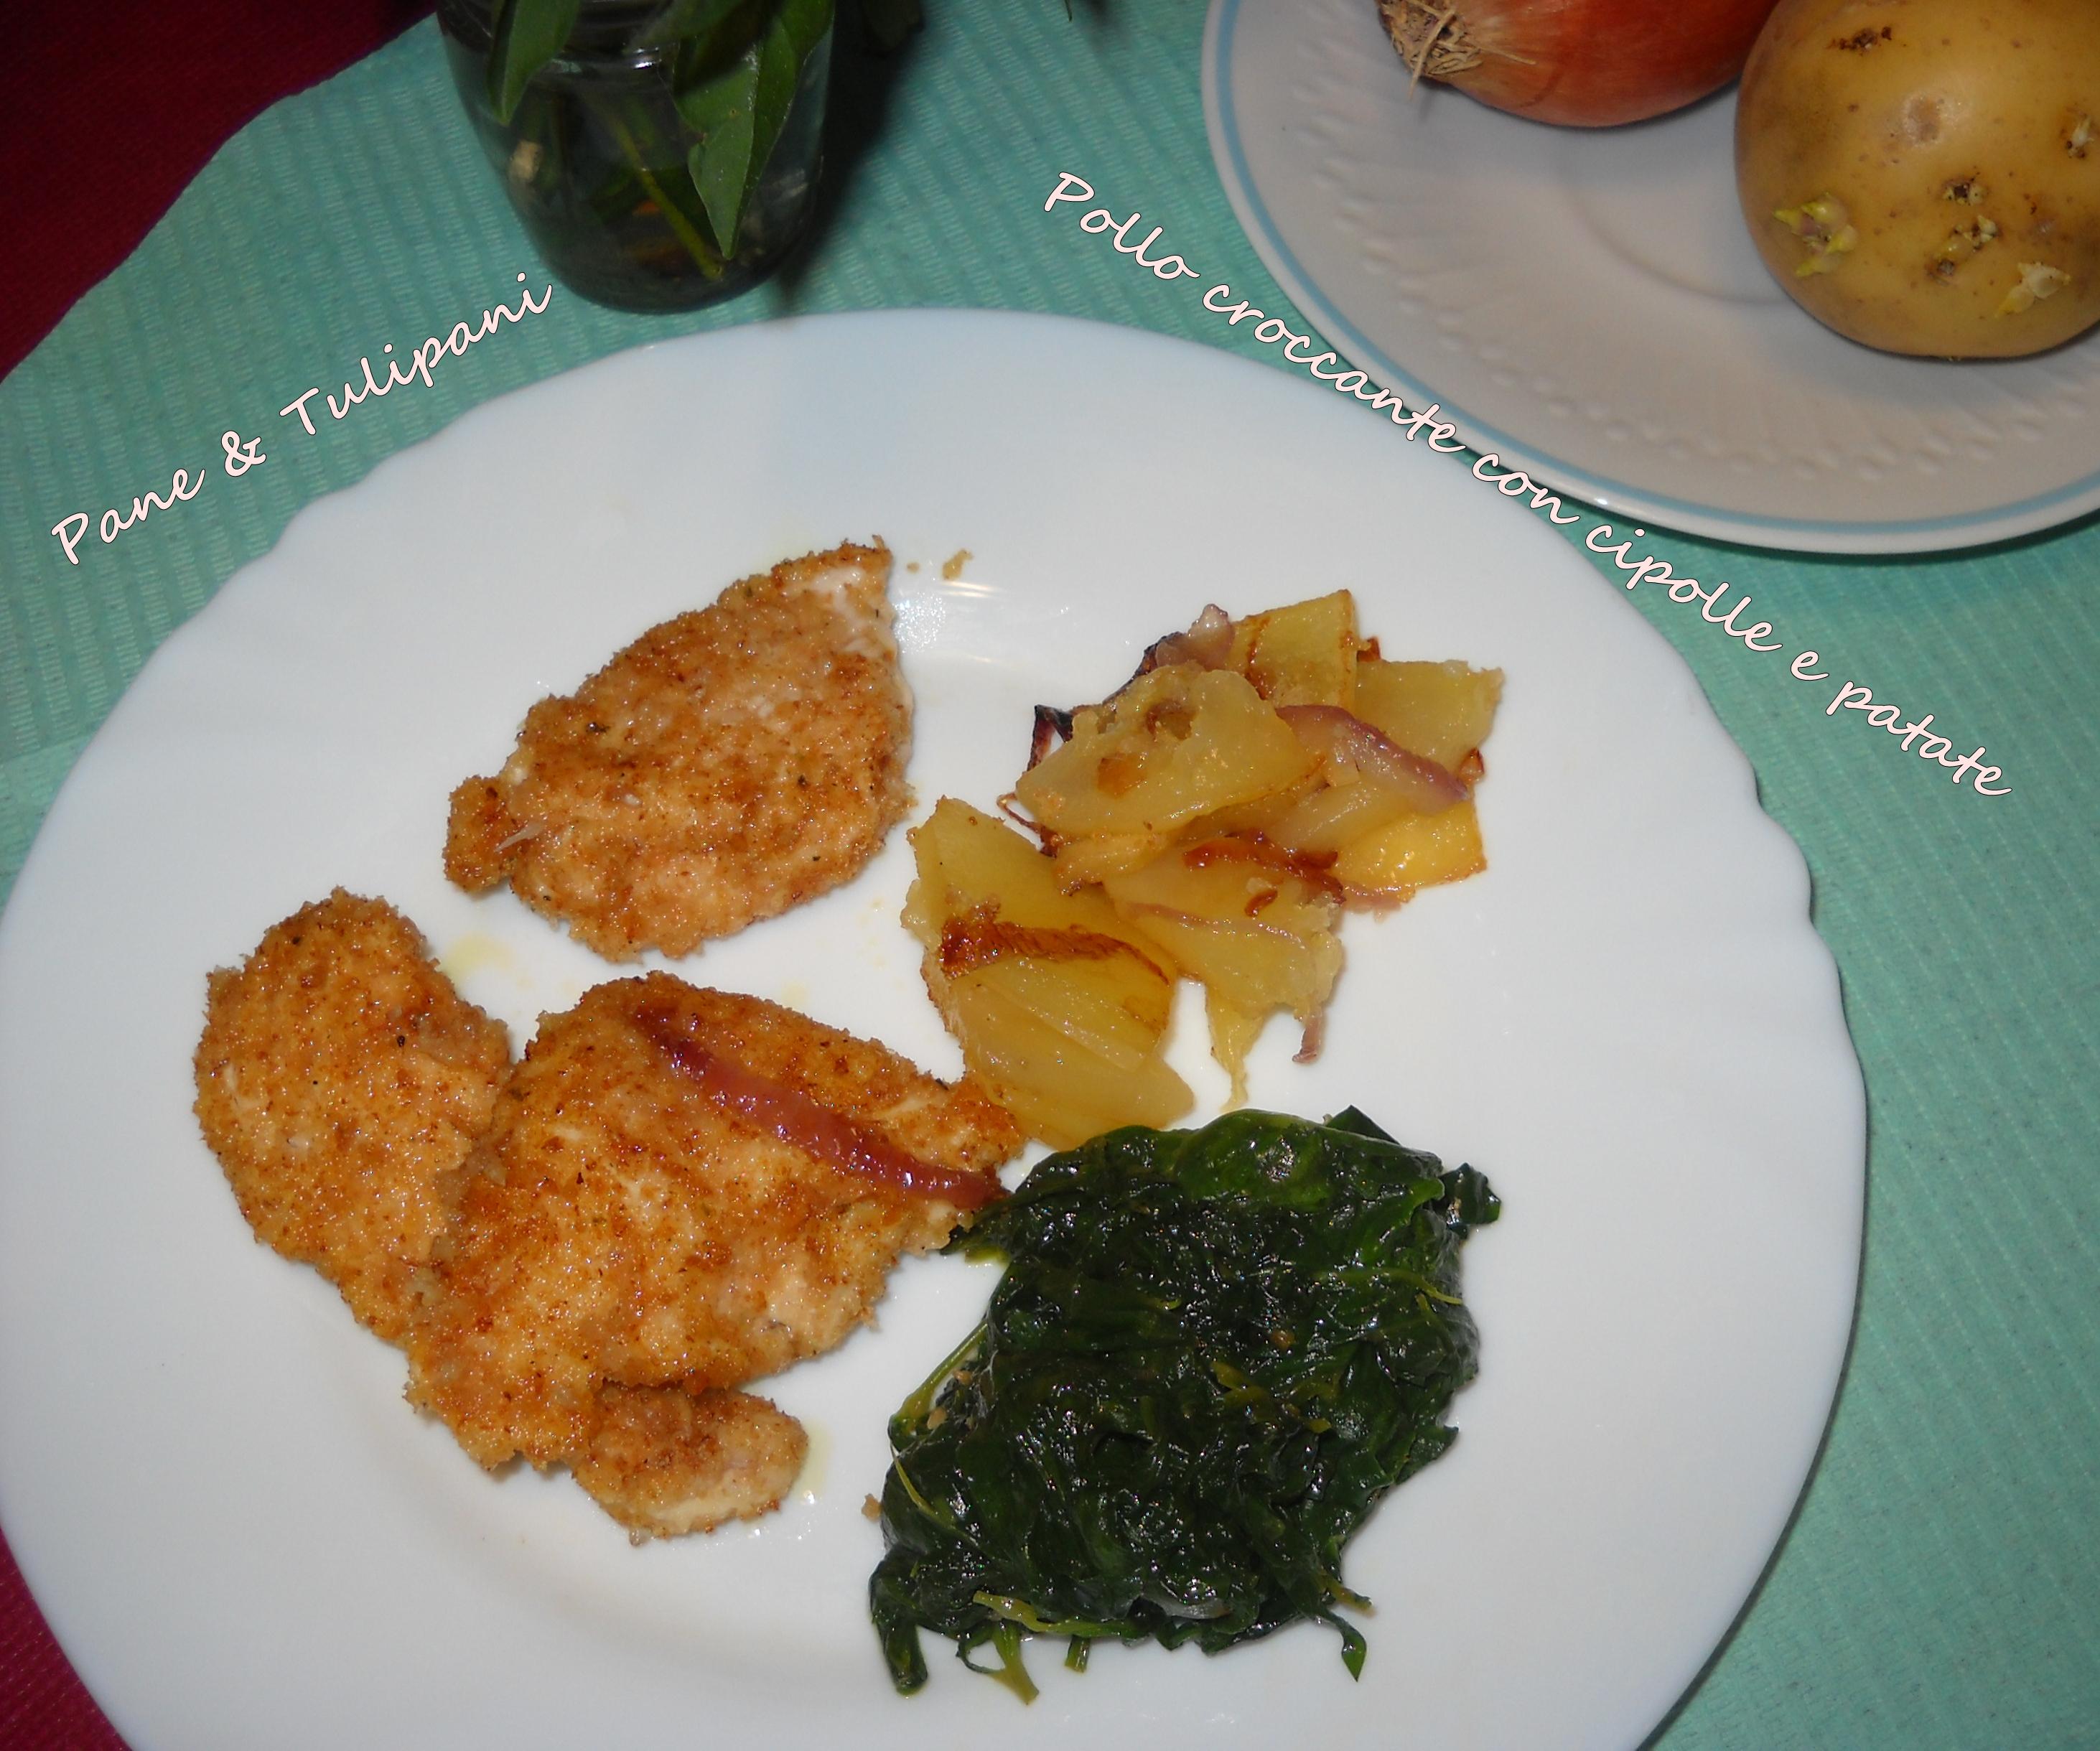 Pollo croccante con cipolle e patate.1